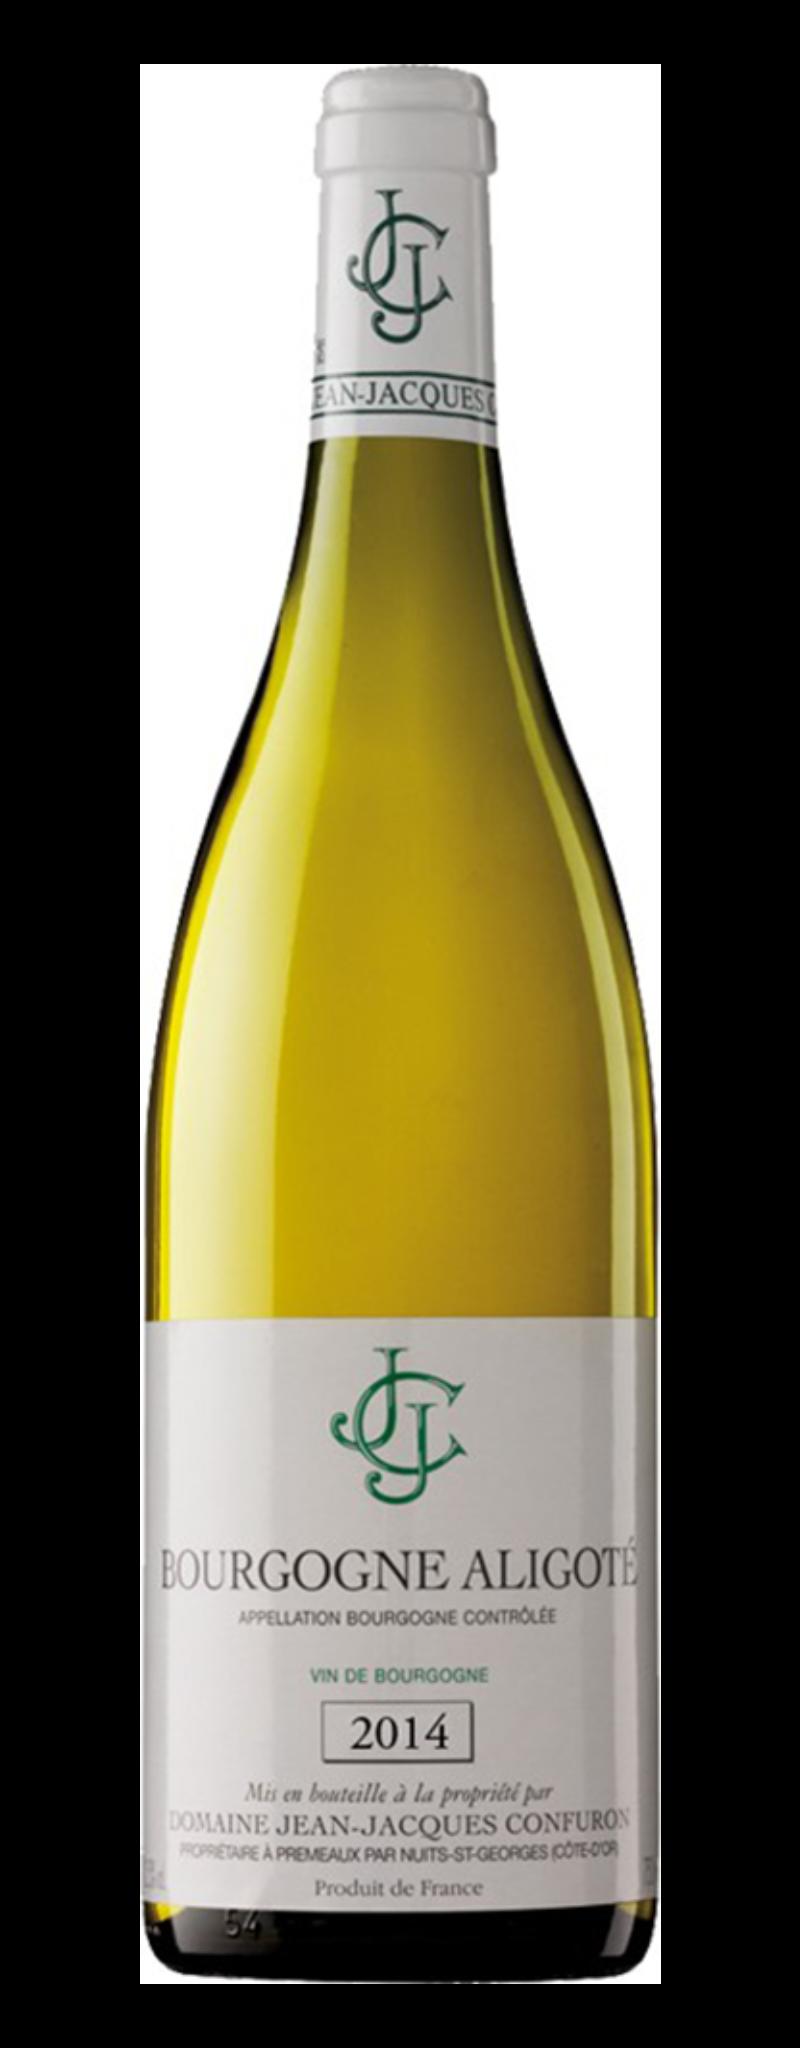 Bourgogne Aligoté 2014  - 750ml